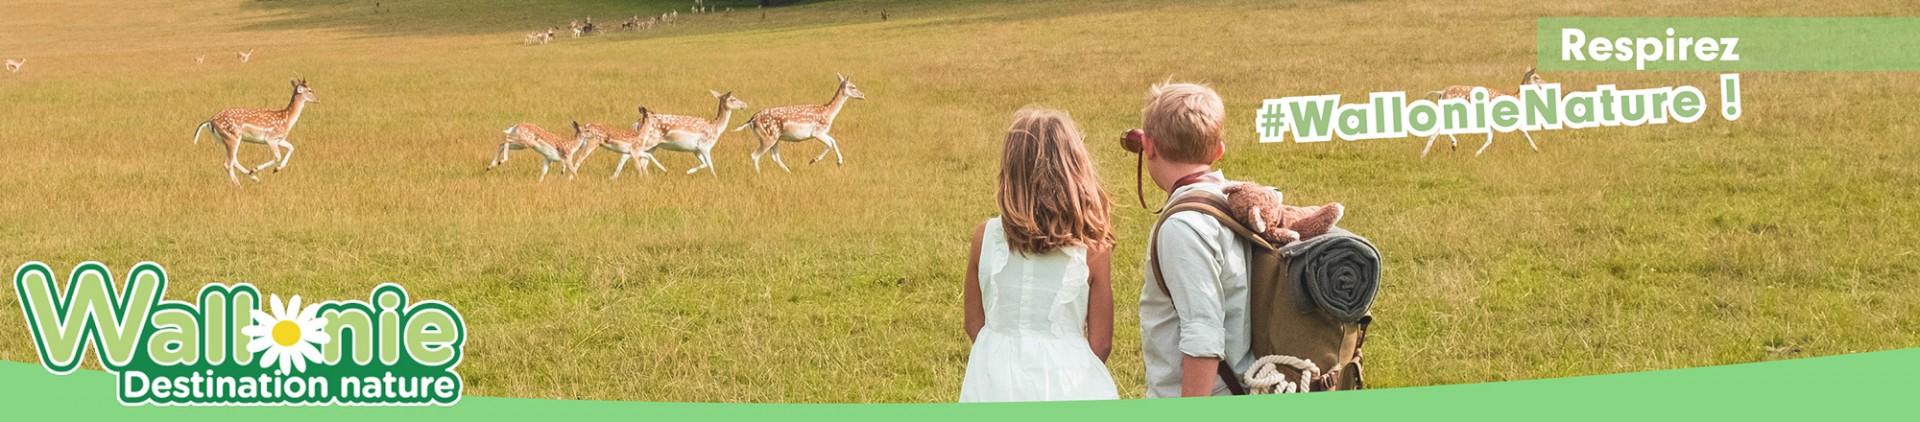 Infos utiles aux professionnels du tourisme - Wallonie nature 2021